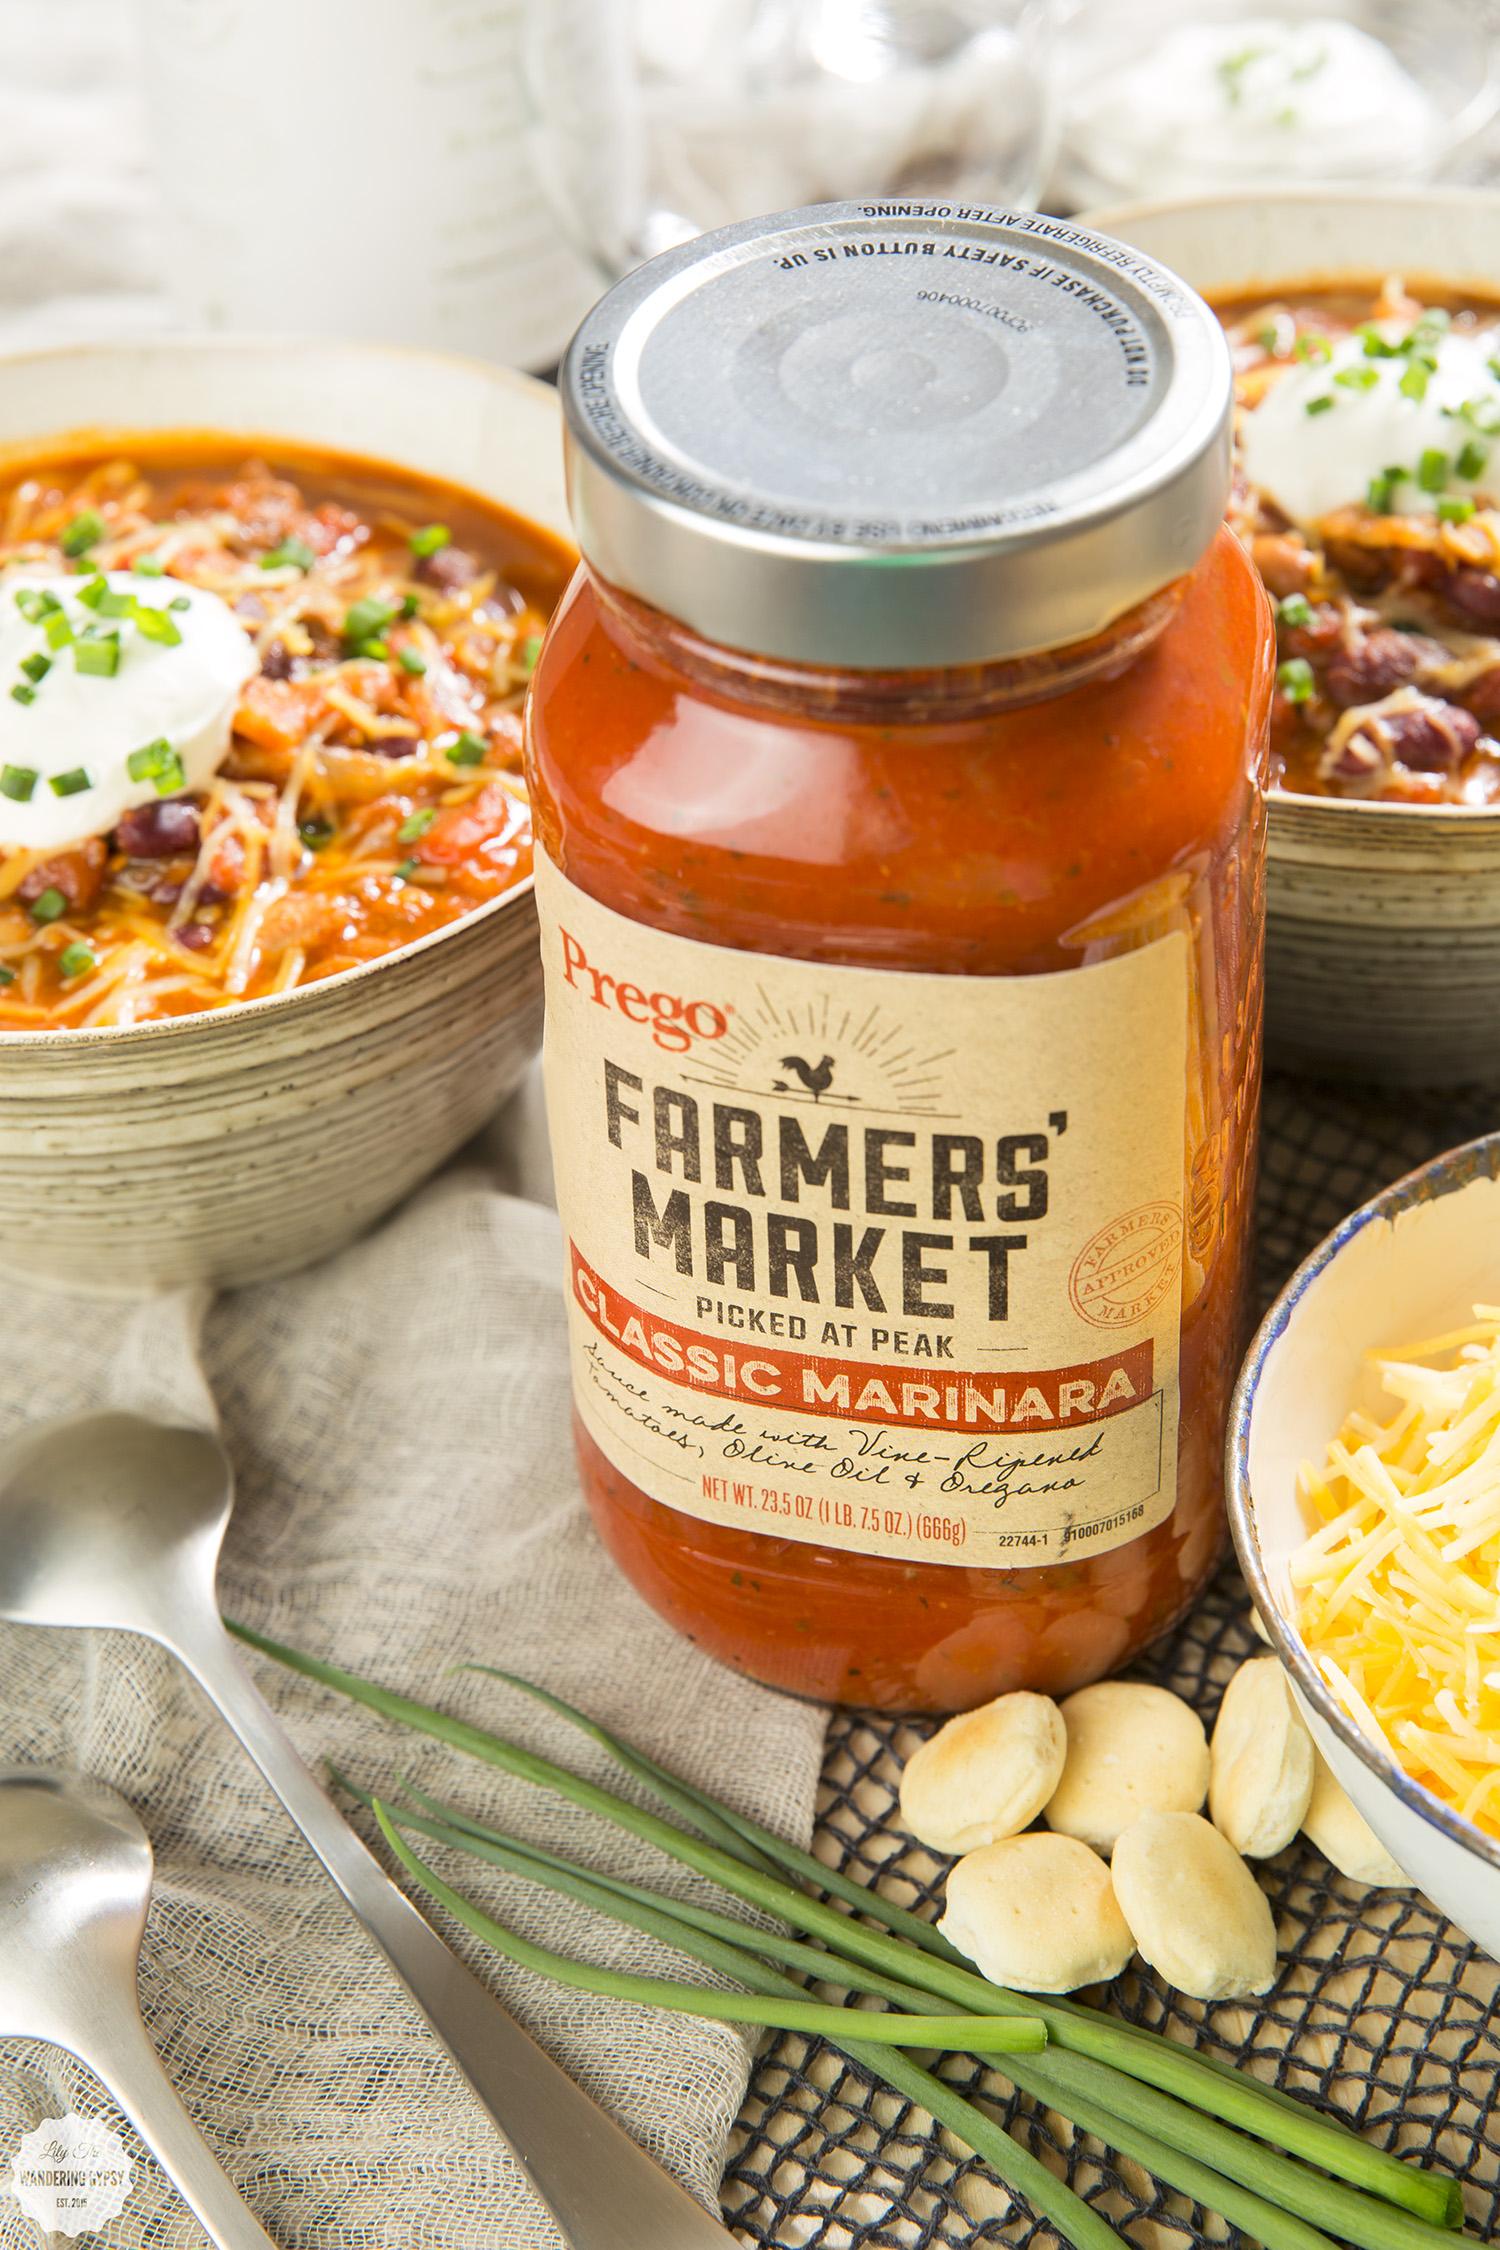 Great Chili Recipe #PickedAtPeak